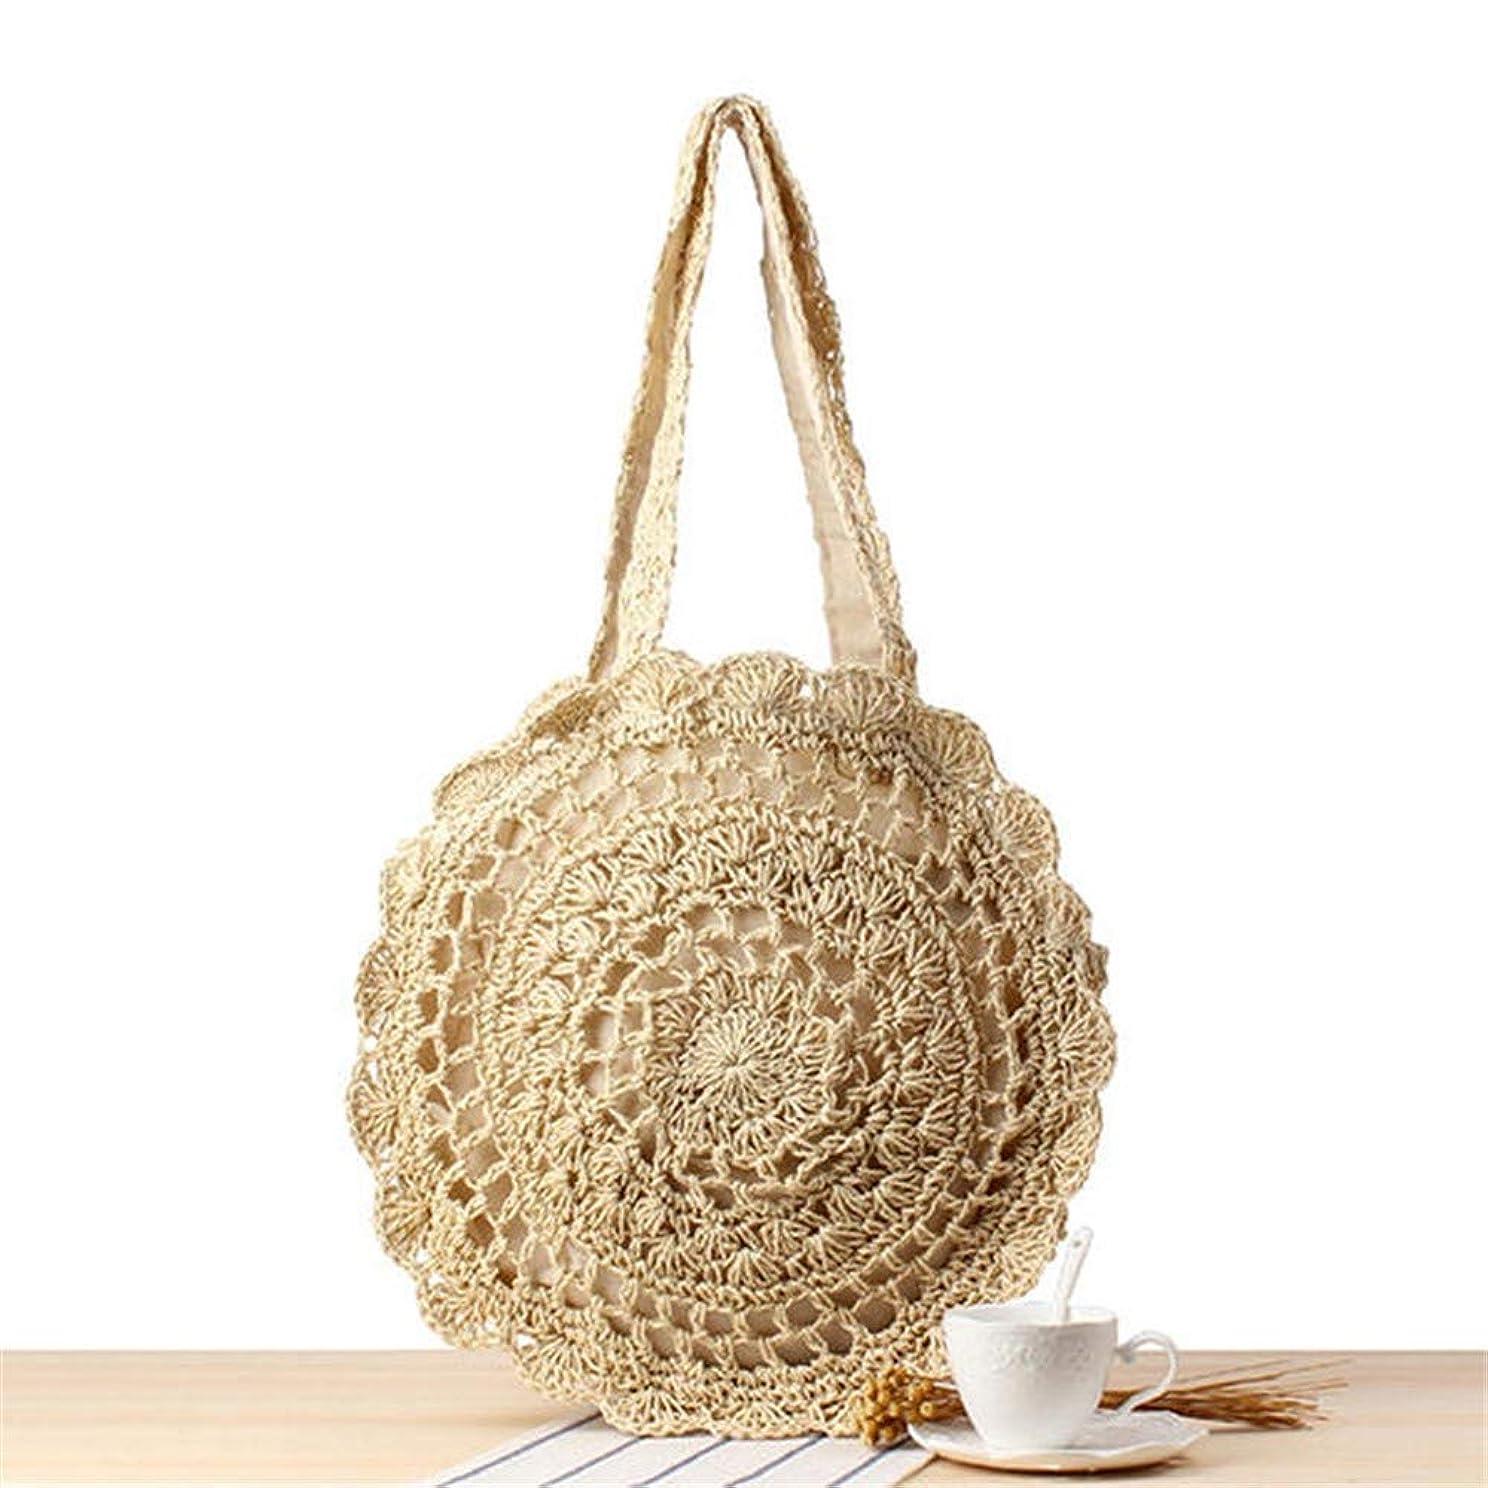 コンテンポラリーランデブーカレッジカゴバッグ ボヘミア風のスタイルの女性の女性のラウンド形状シングルショルダーバッグラタンバッグビーチバッグ (色 : Beige, Size : One size)